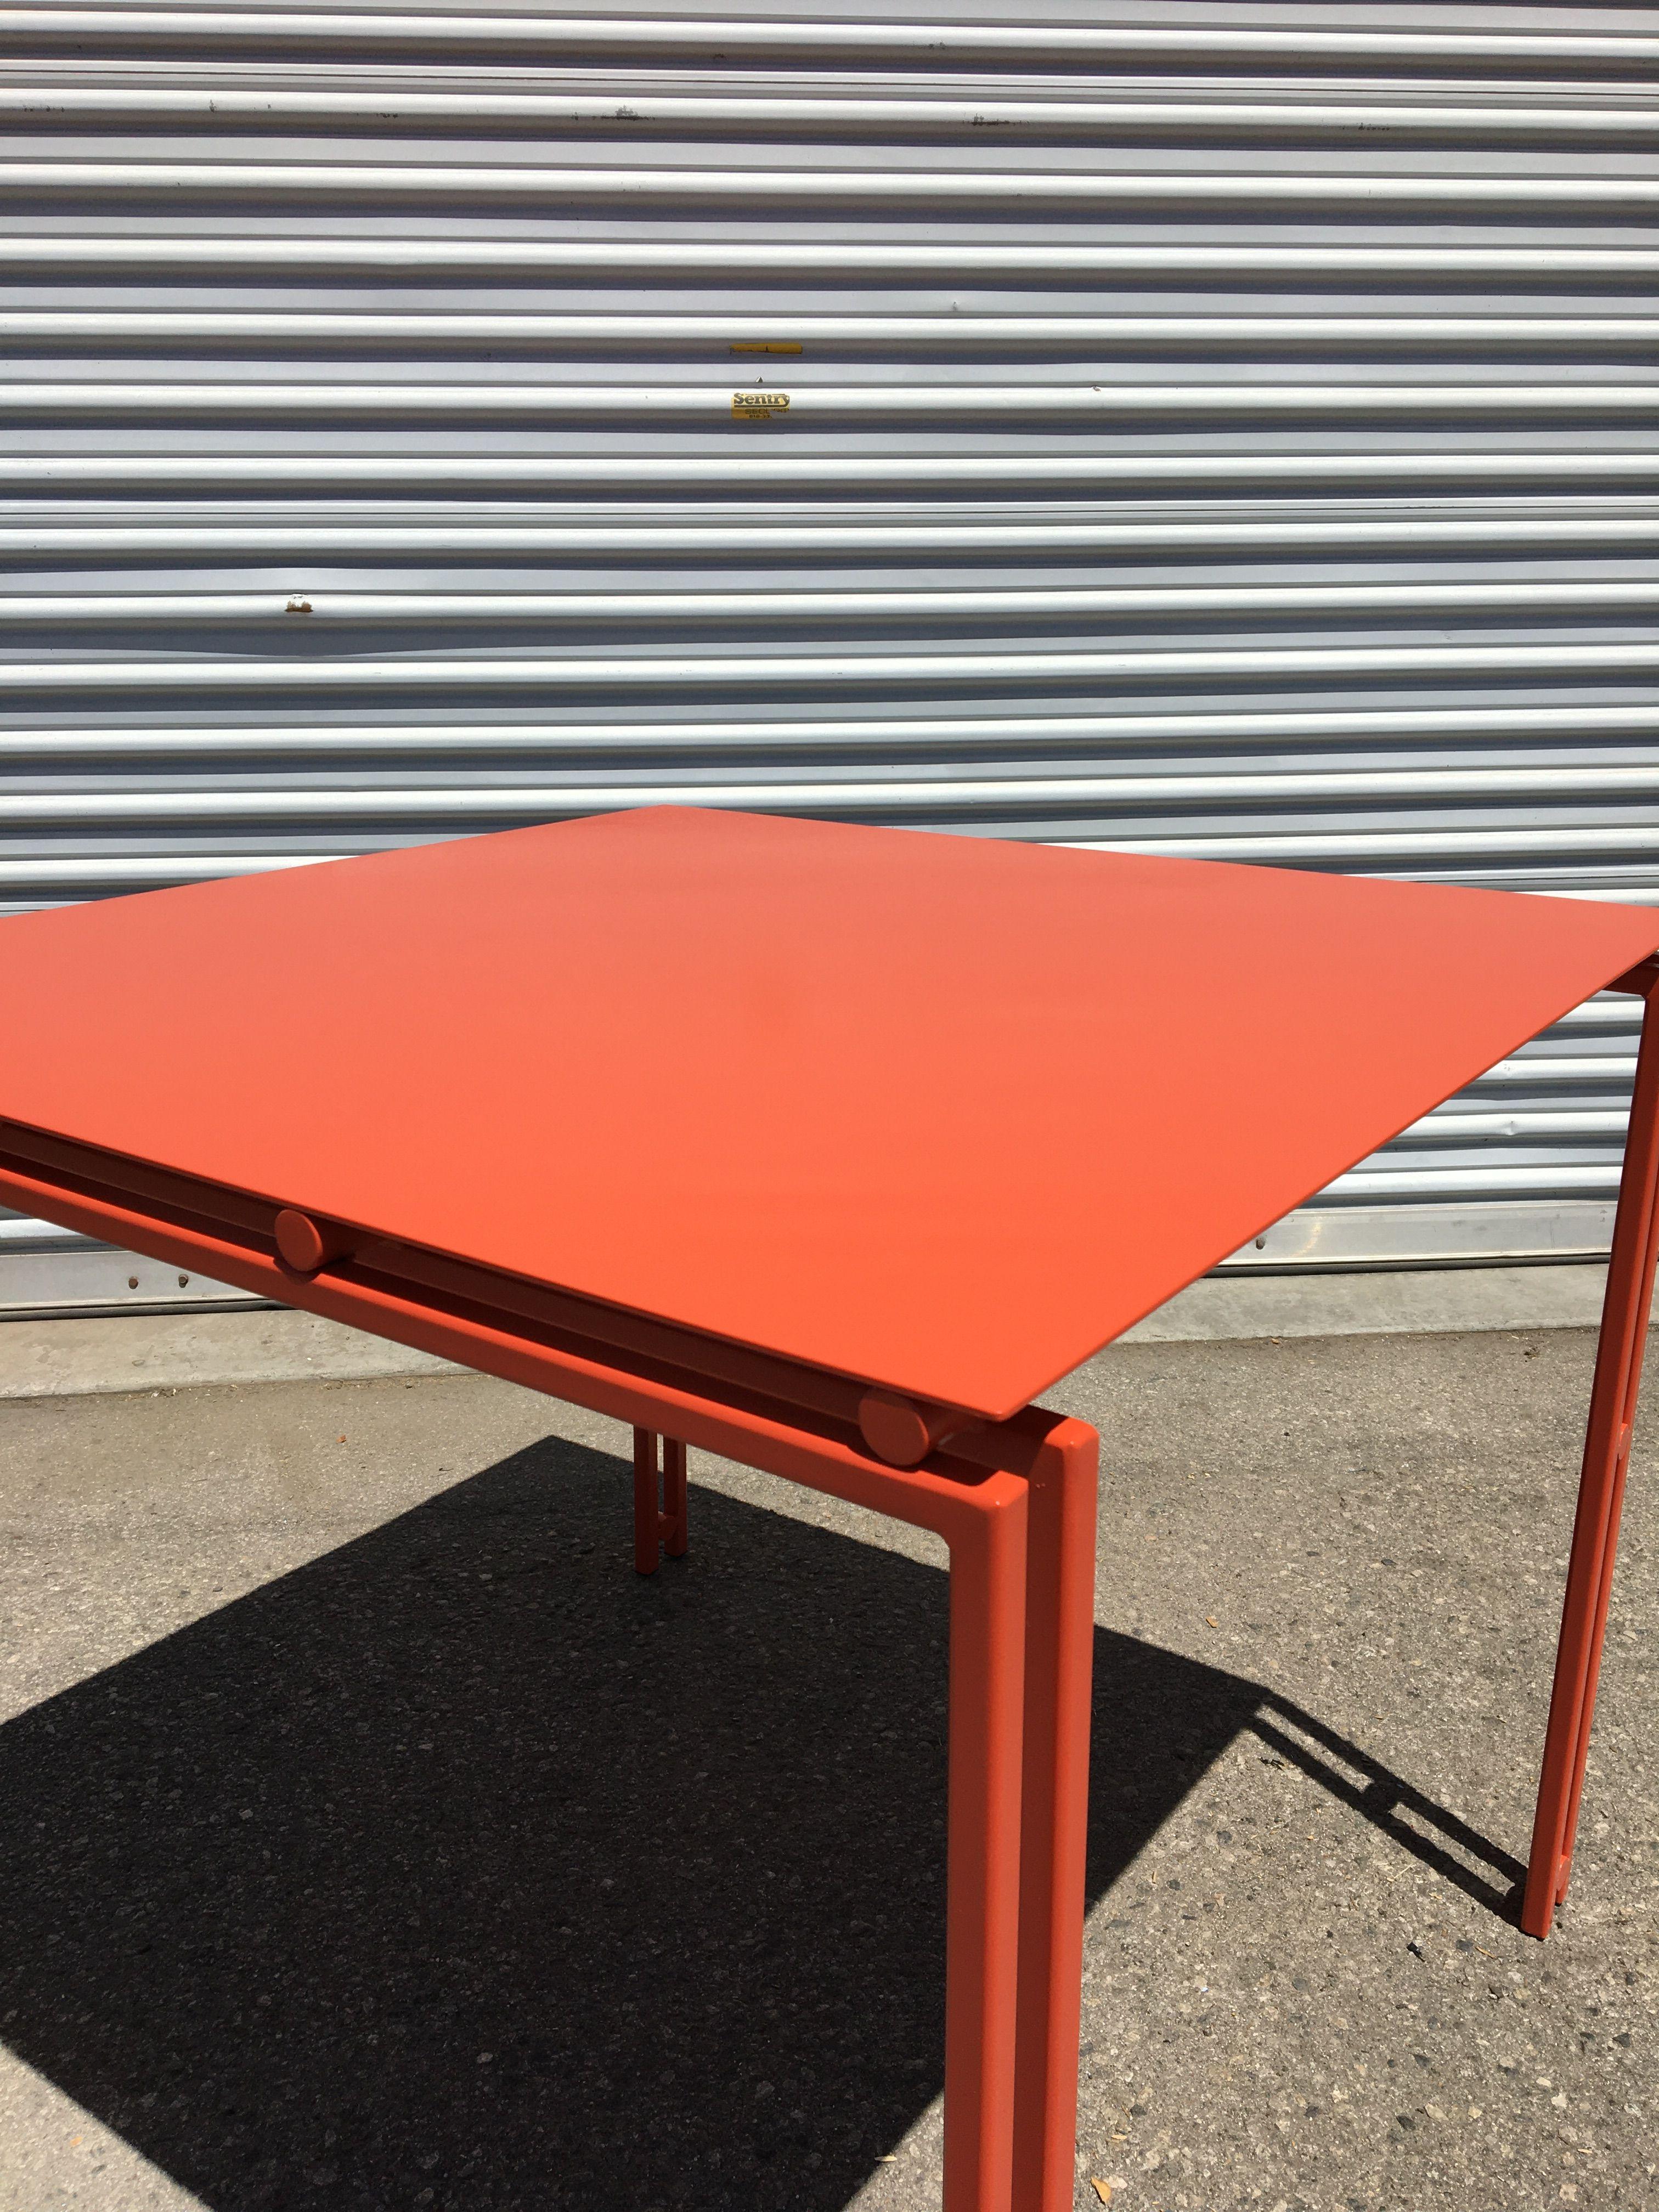 Suspension Metal Set - SIZED LA product image 8